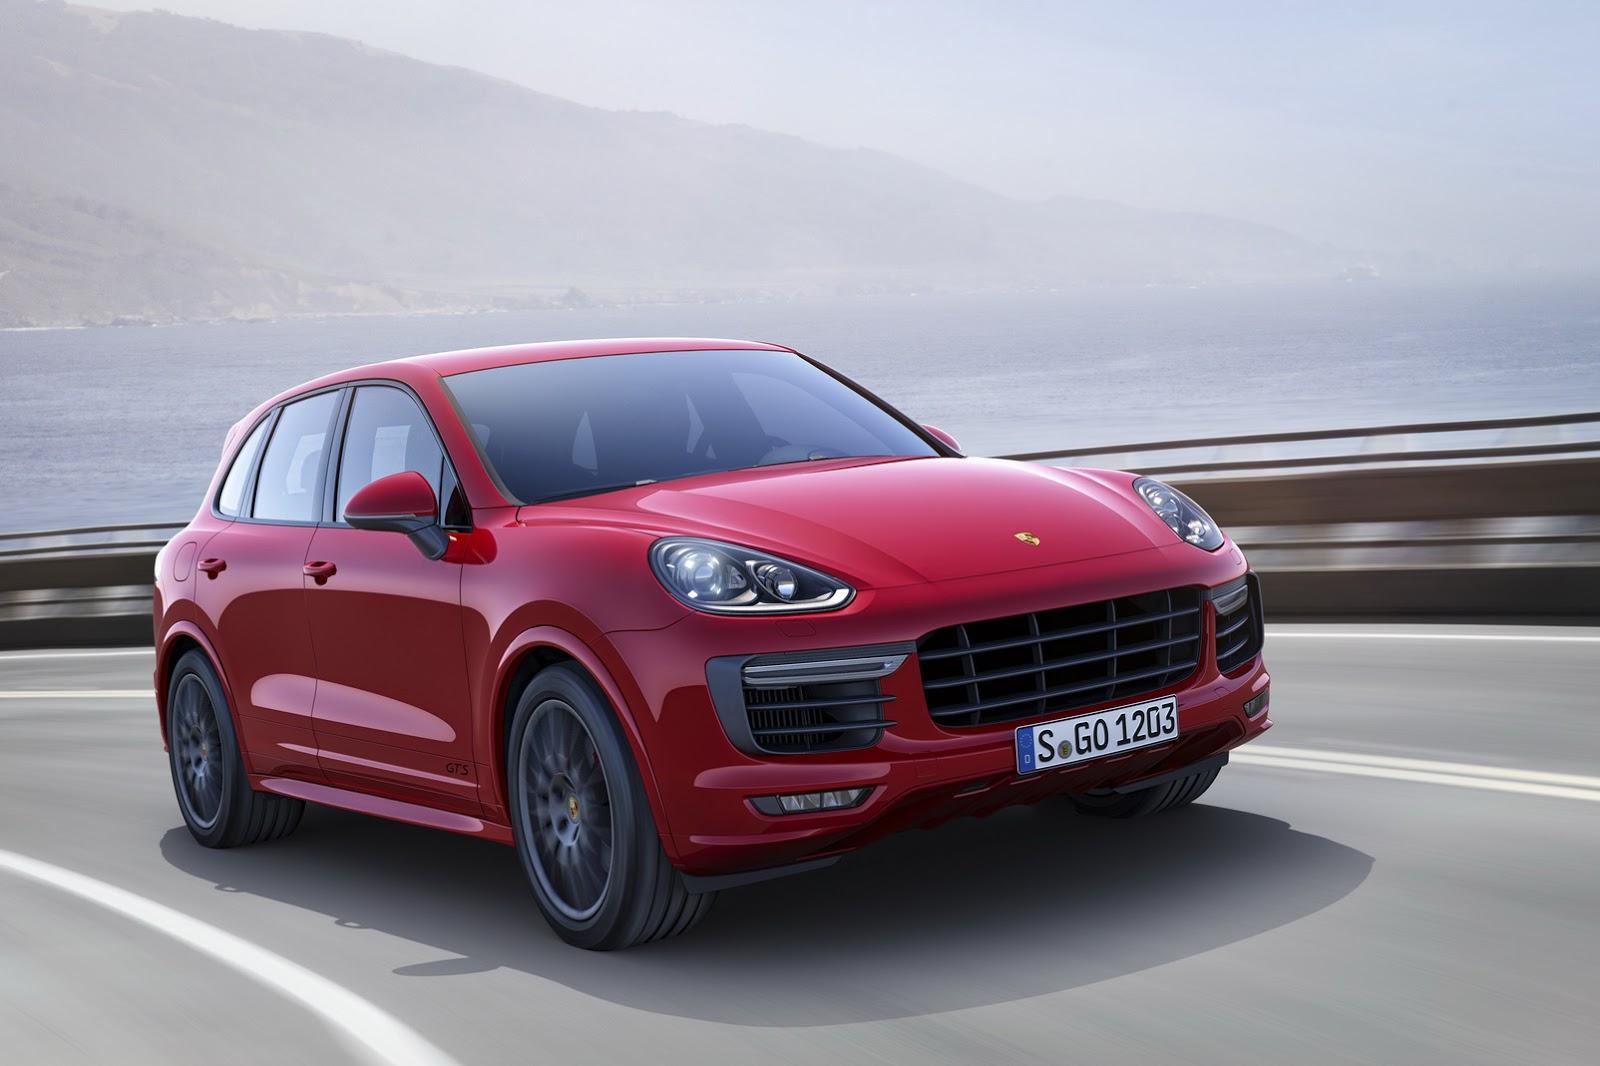 Porsche sắp ra mắt phiên bản Cayenne GTS 2015 tại triển lãm xe hơi Los Angeles 2014